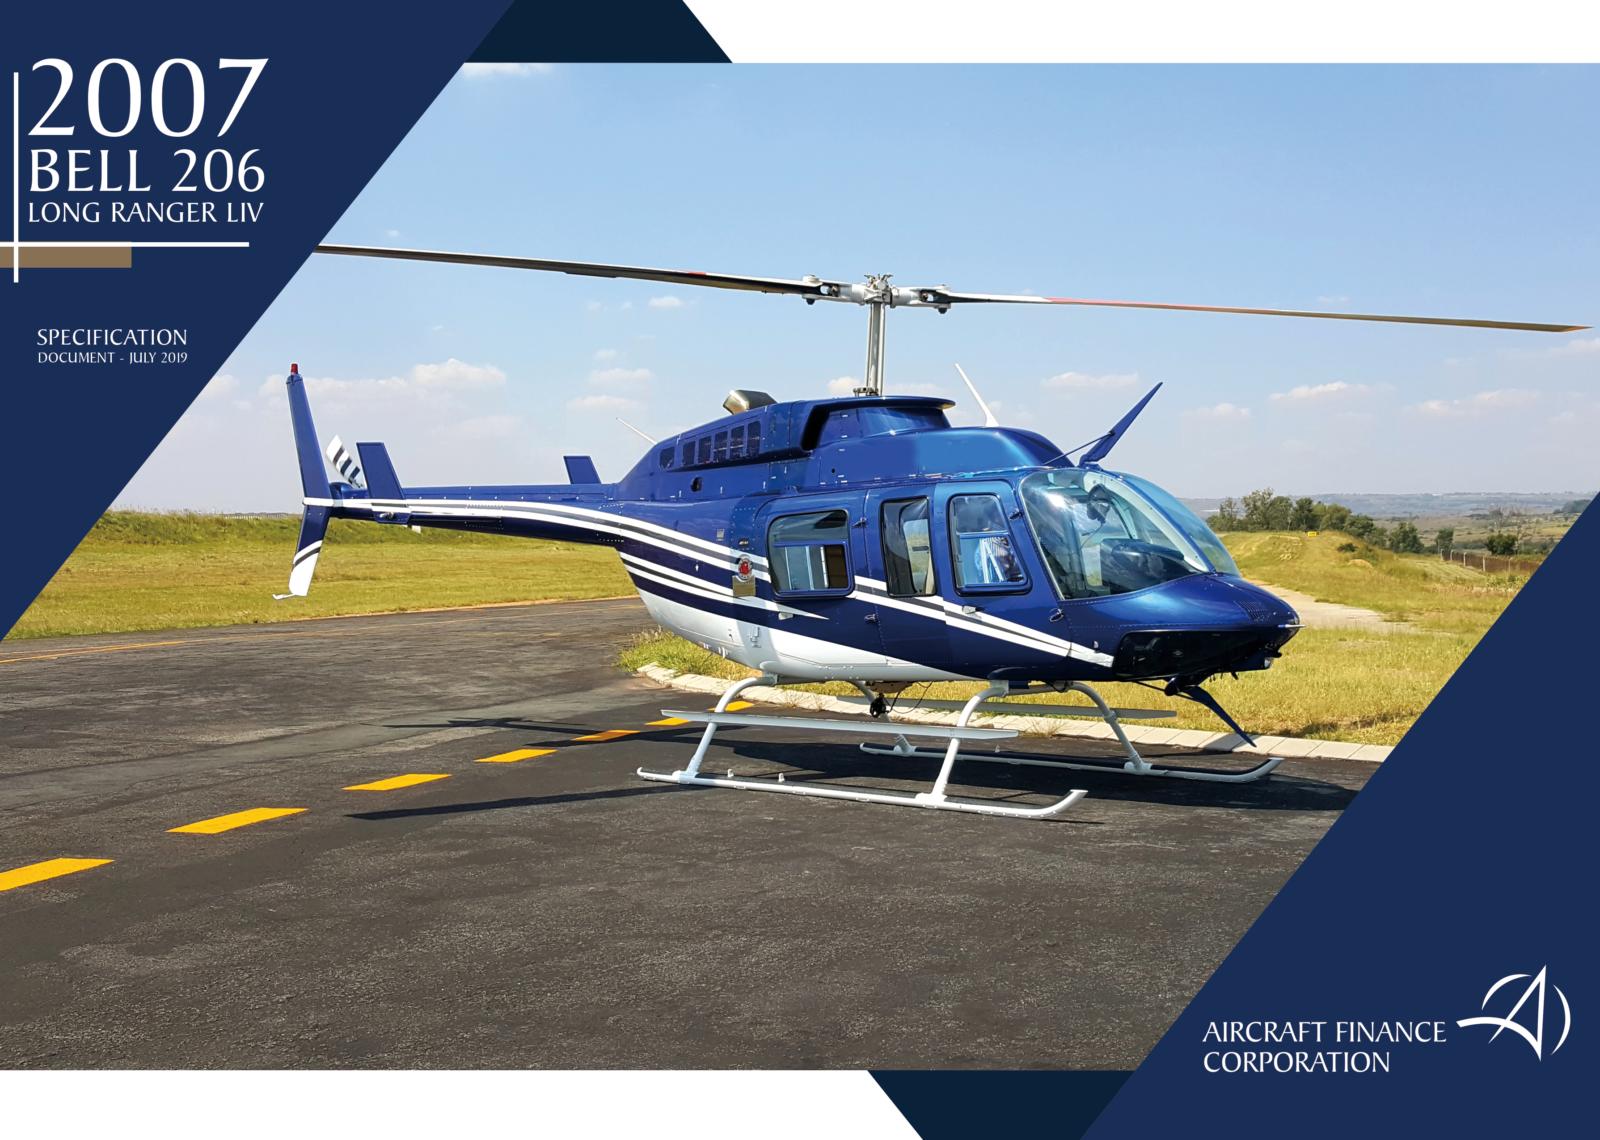 2007 Bell 206 LIV, Aircraft Finance Corporation, ZT-RCP